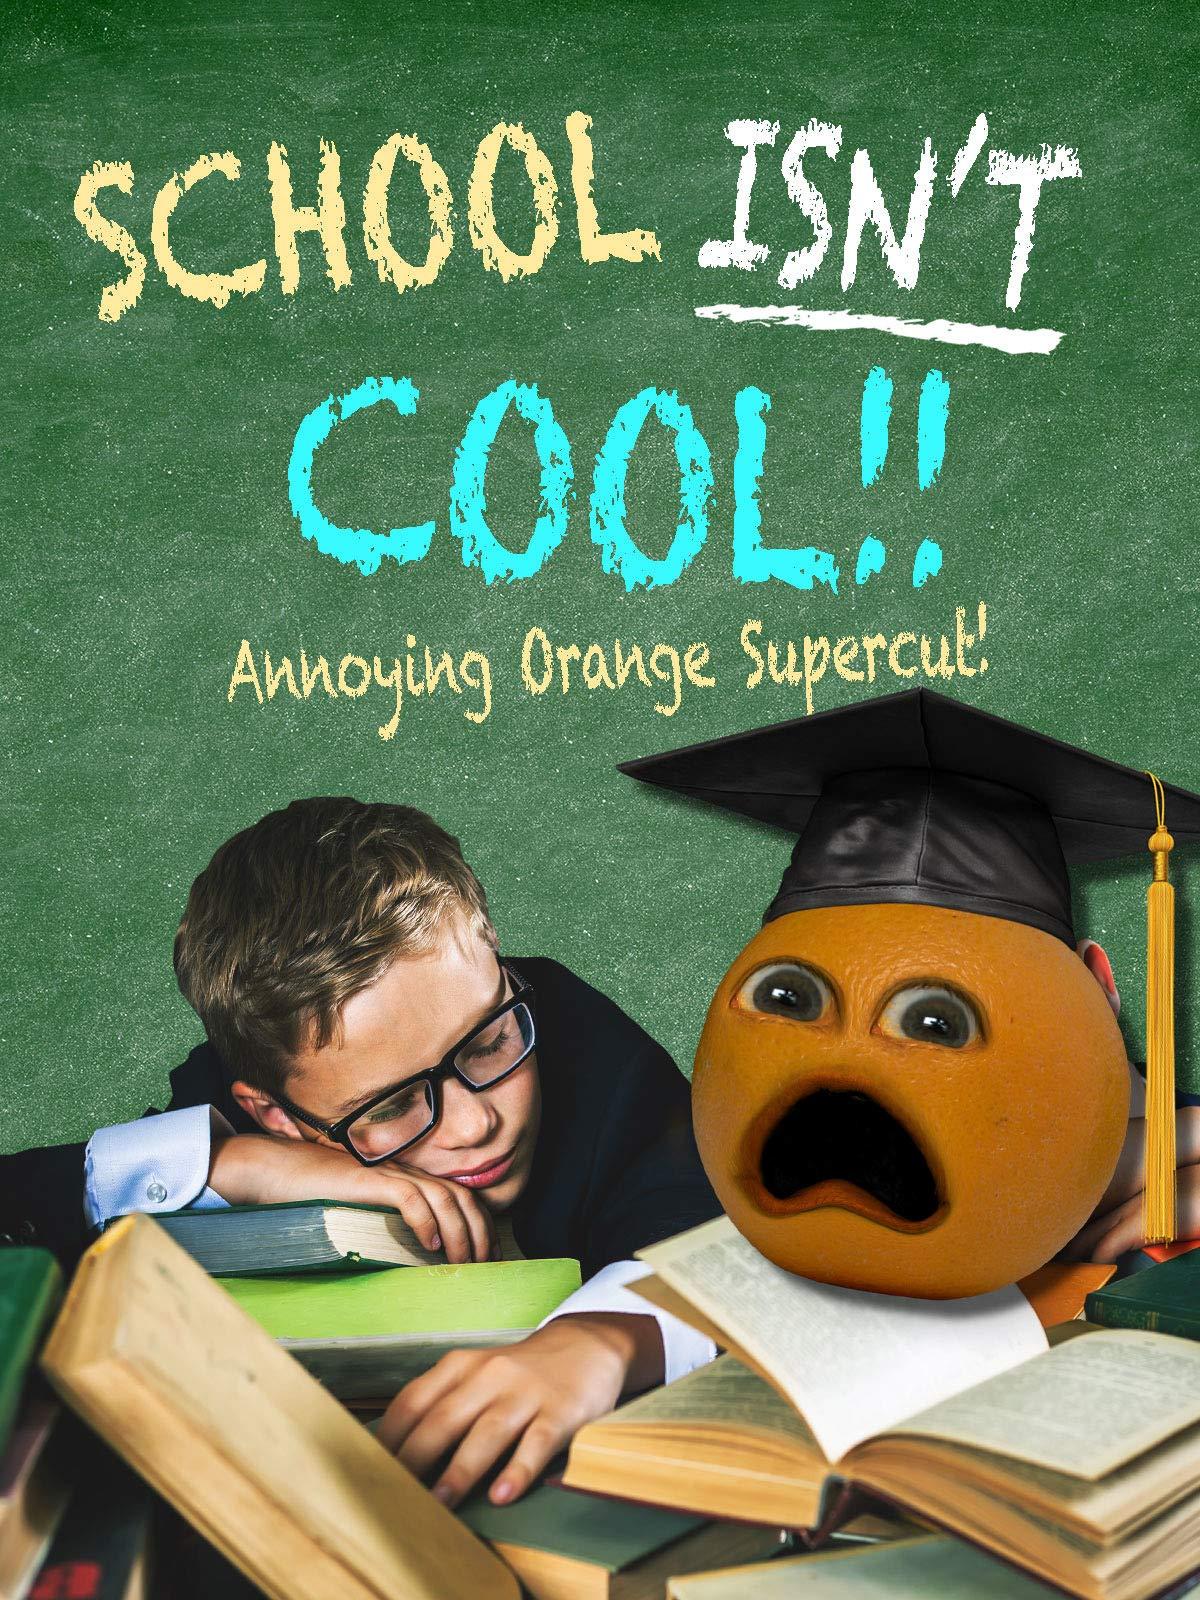 School Isn't Cool Supercut (Annoying Orange Supercut)